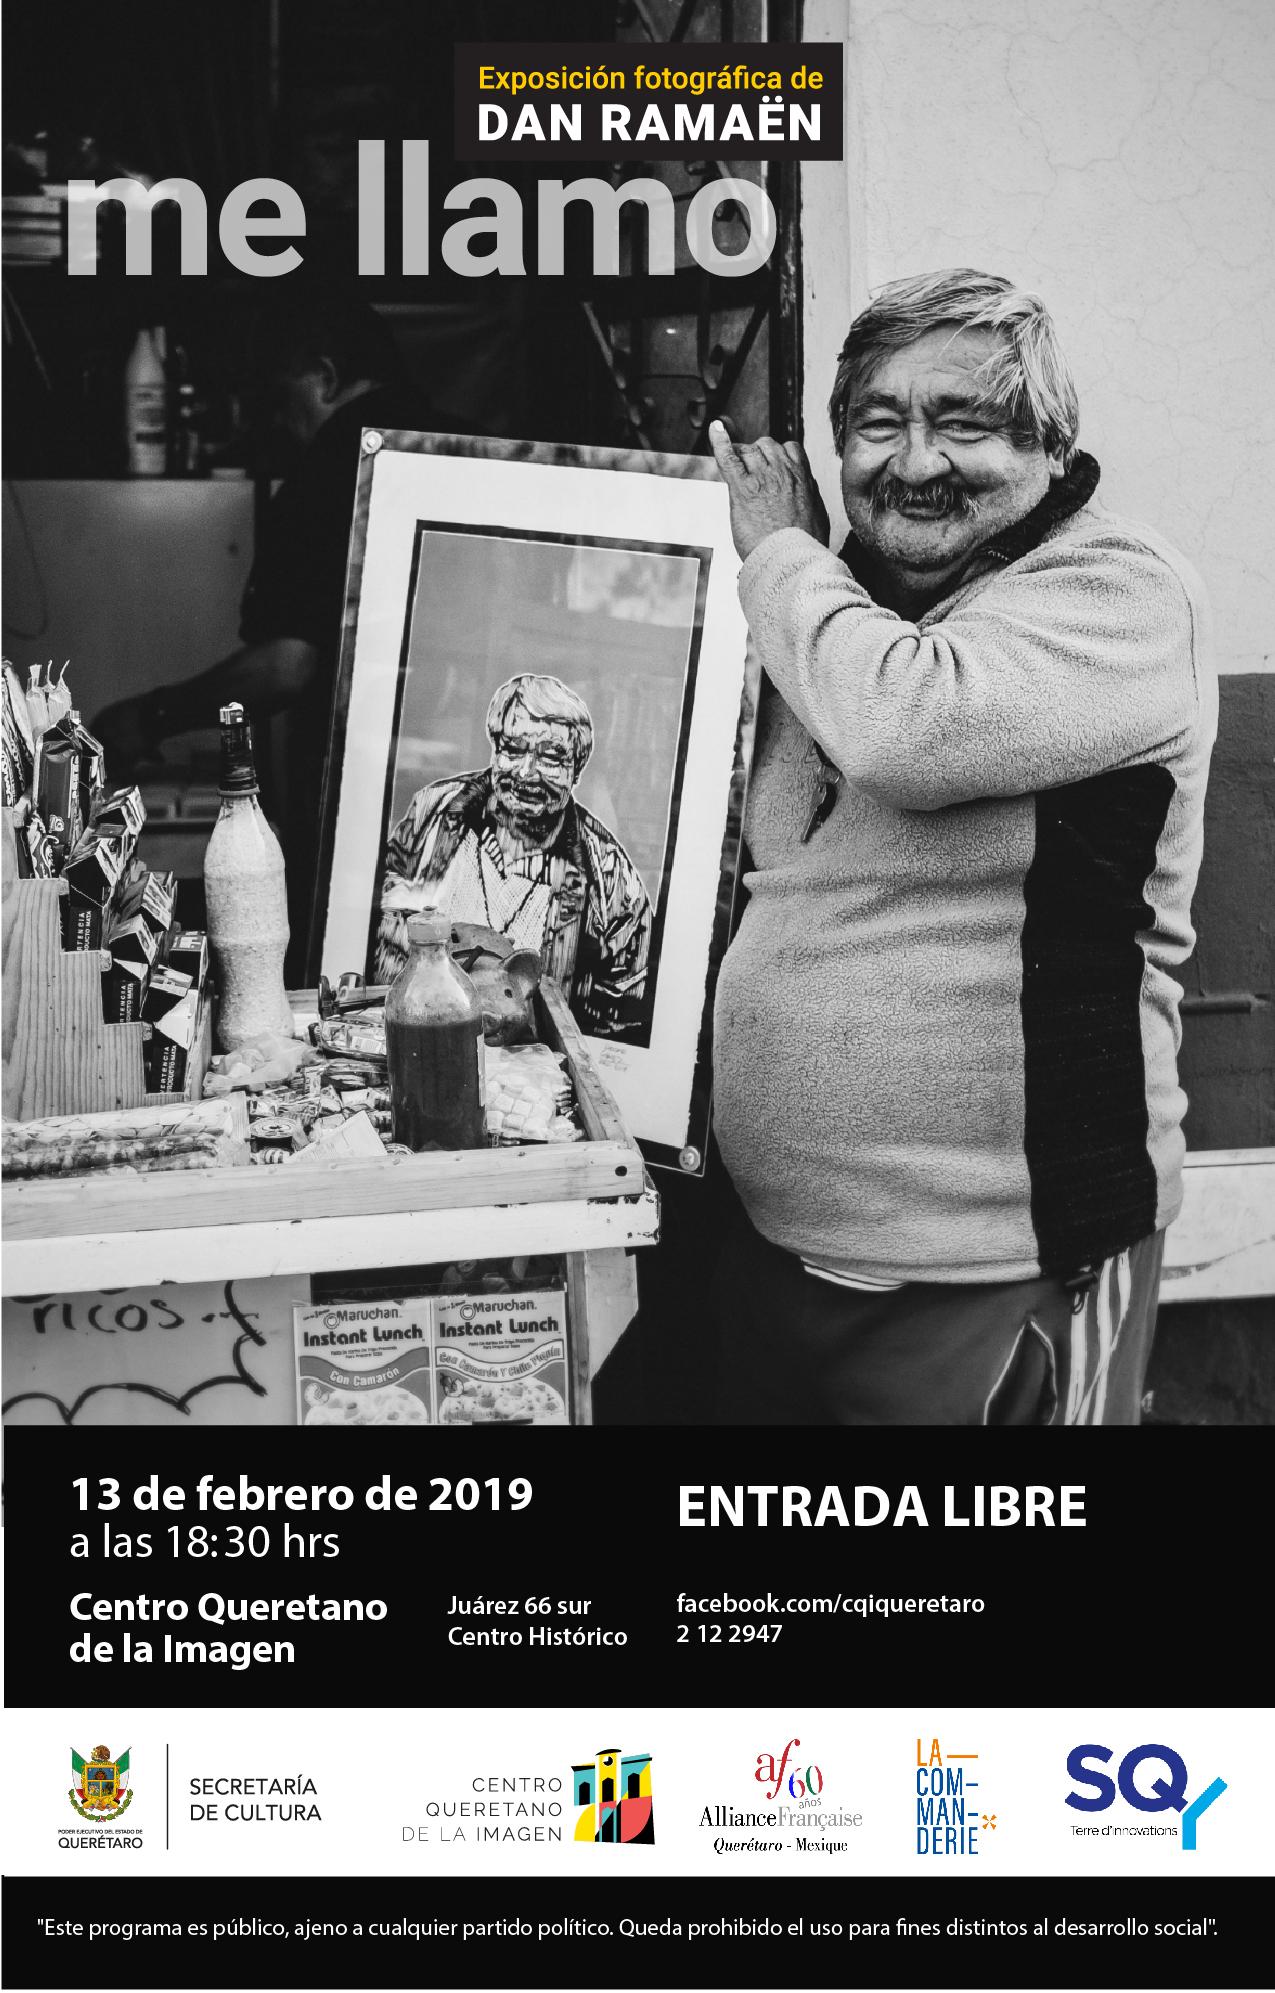 Inauguración de la Exposición fotográfica del artista Dan Ramaën – Me llamo